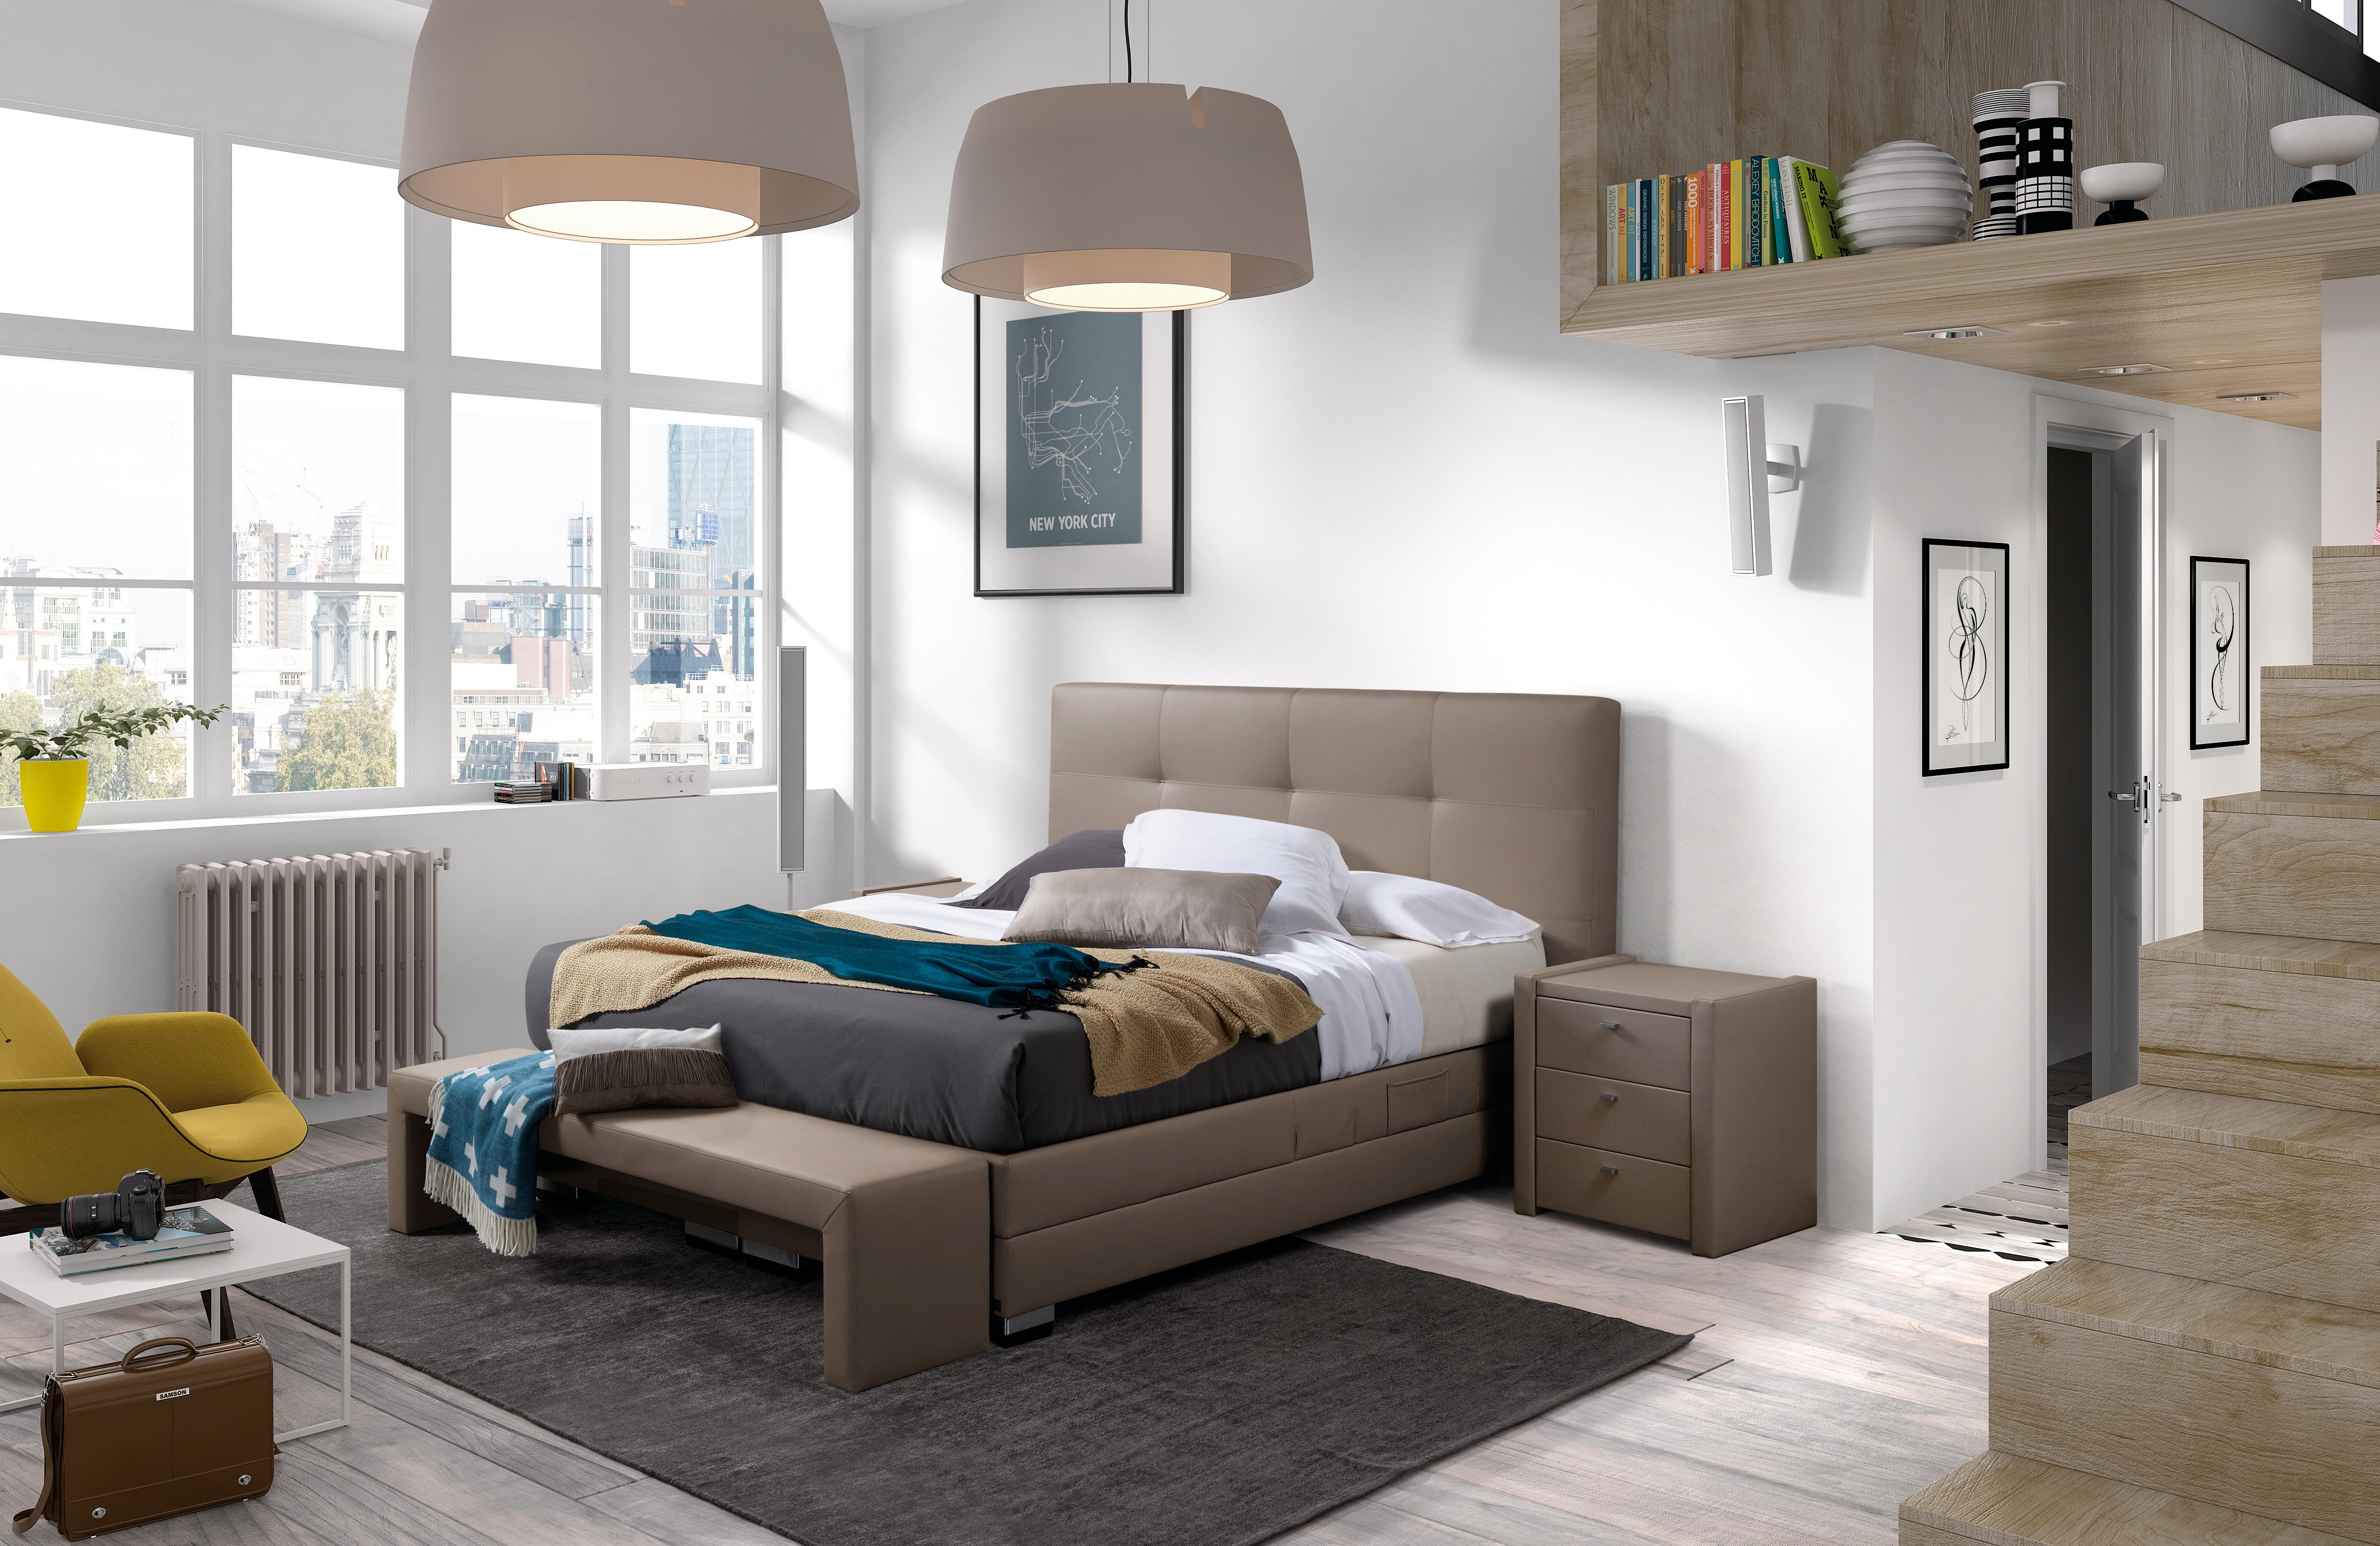 bedombouw valkenaar. Black Bedroom Furniture Sets. Home Design Ideas